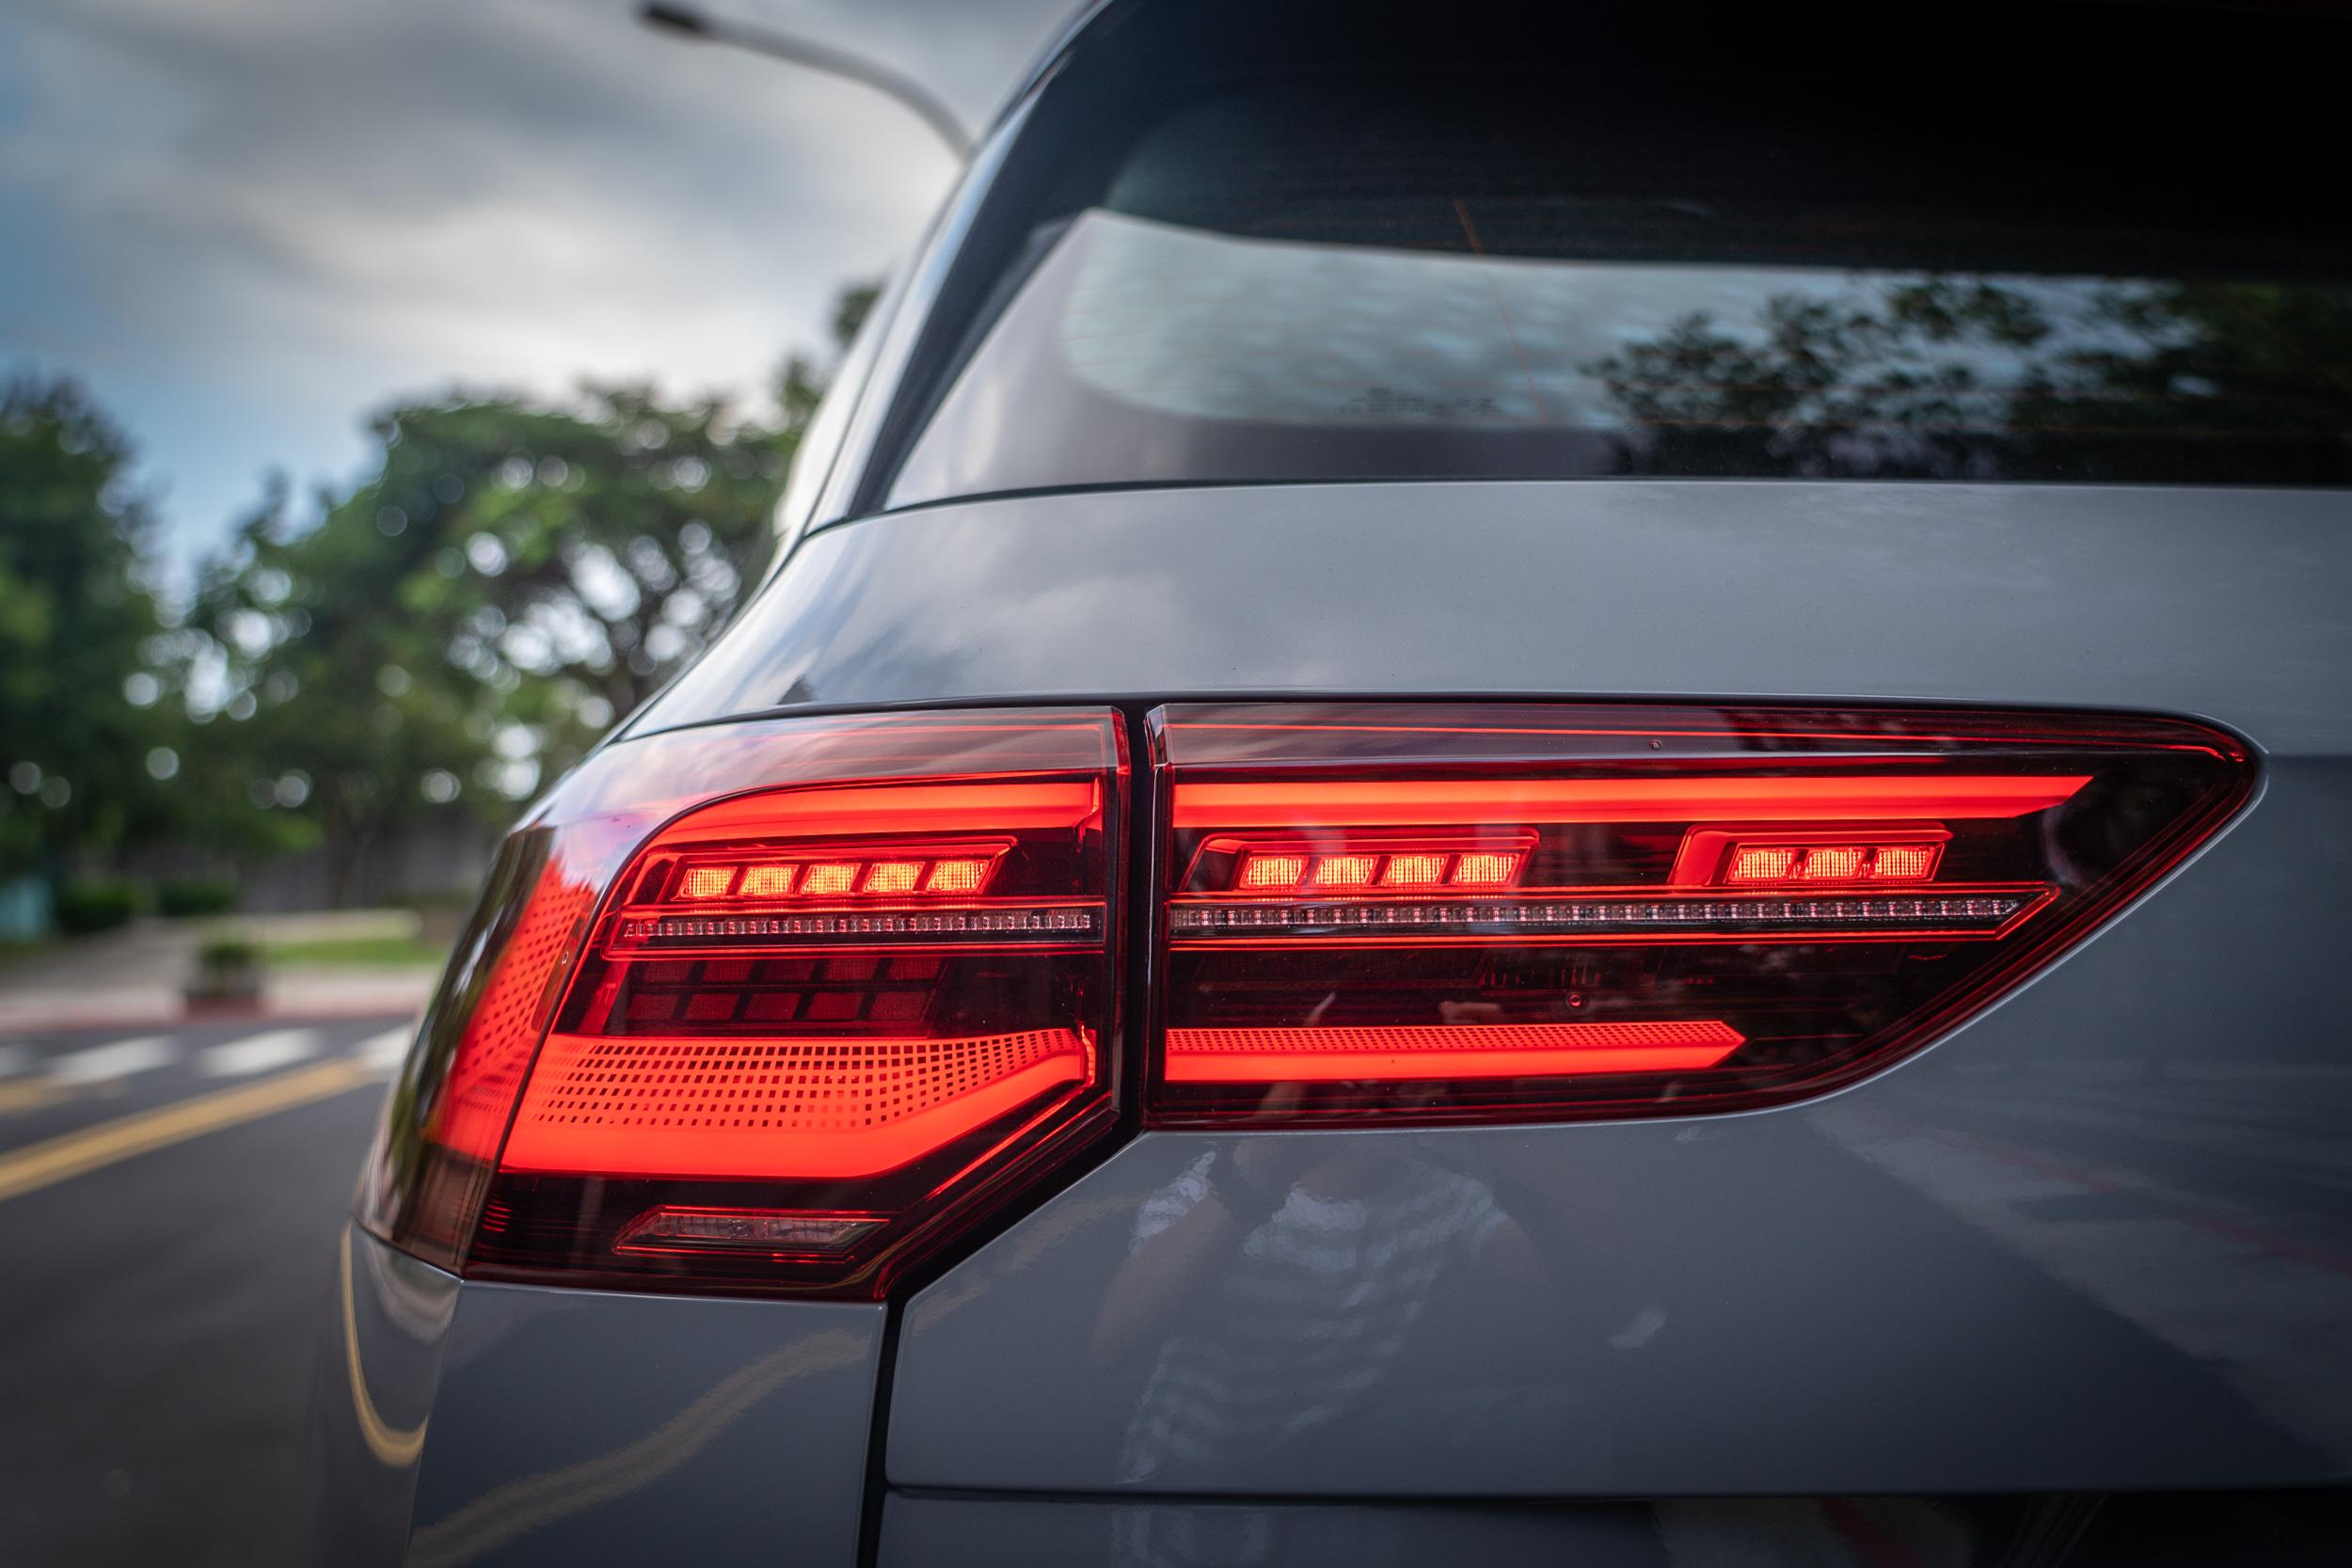 尾燈同樣為 LED 規格,並有動態轉向指示燈設計。